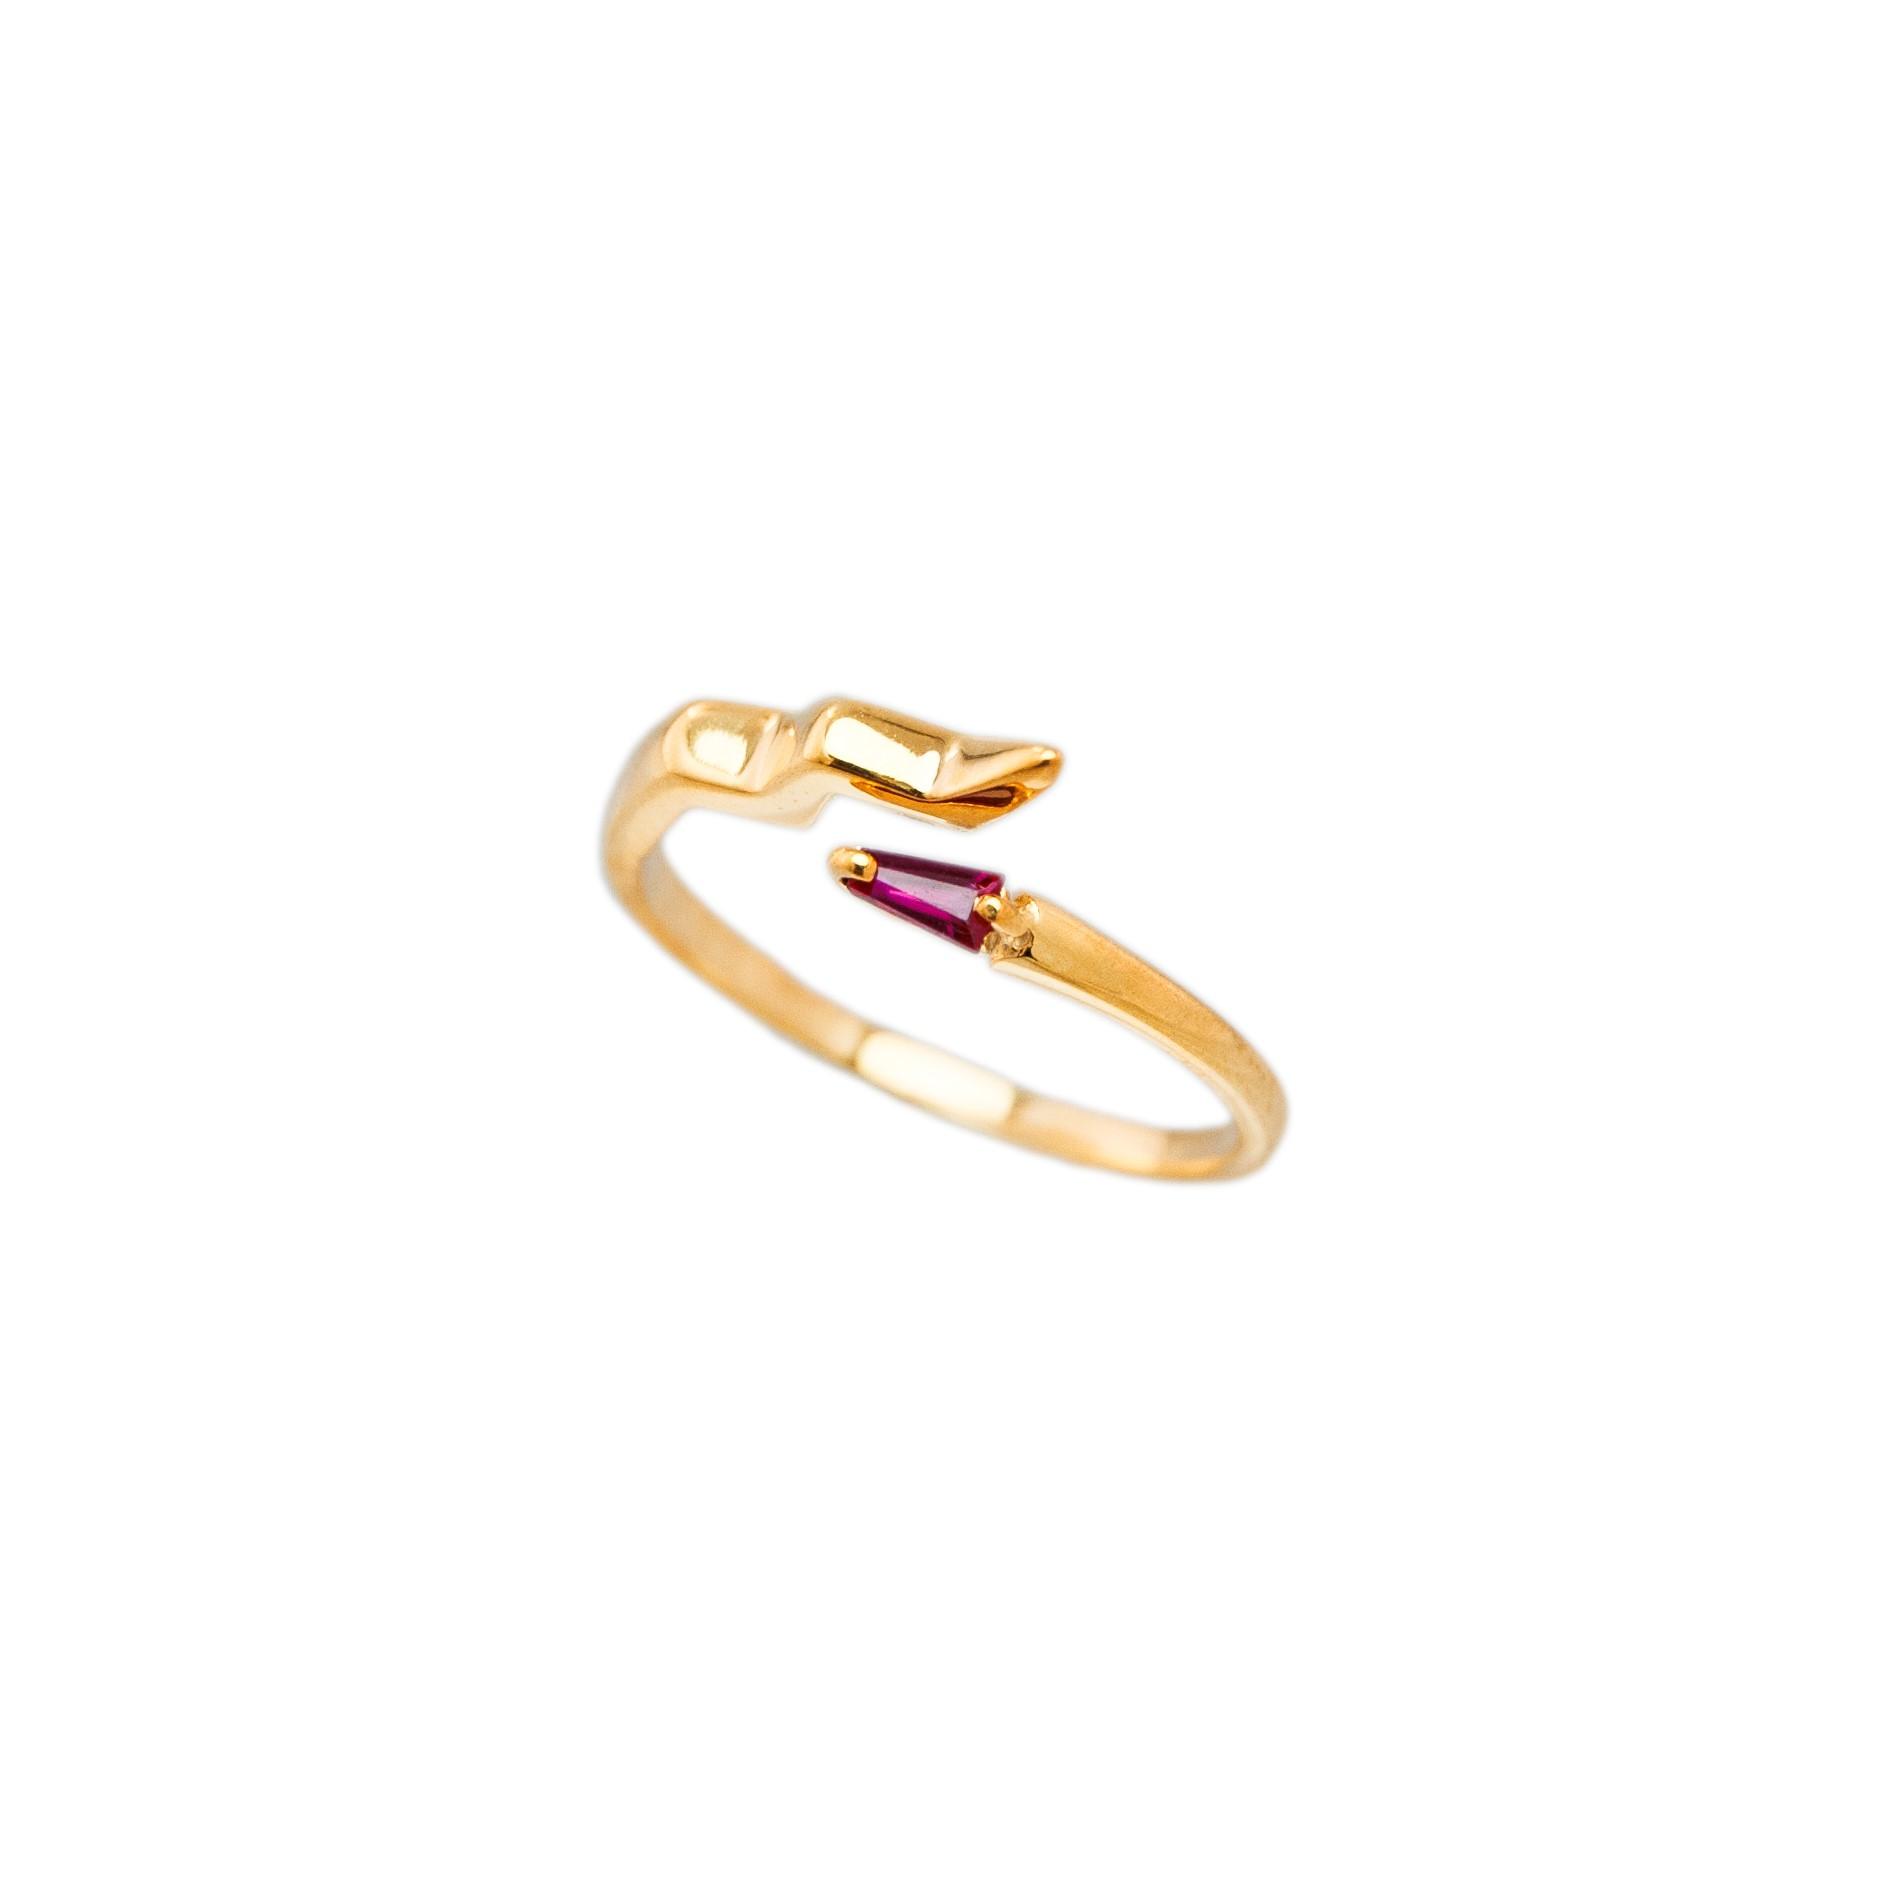 kozminka-fine-senses-ring-snake-ruby-thumbnail.jpg